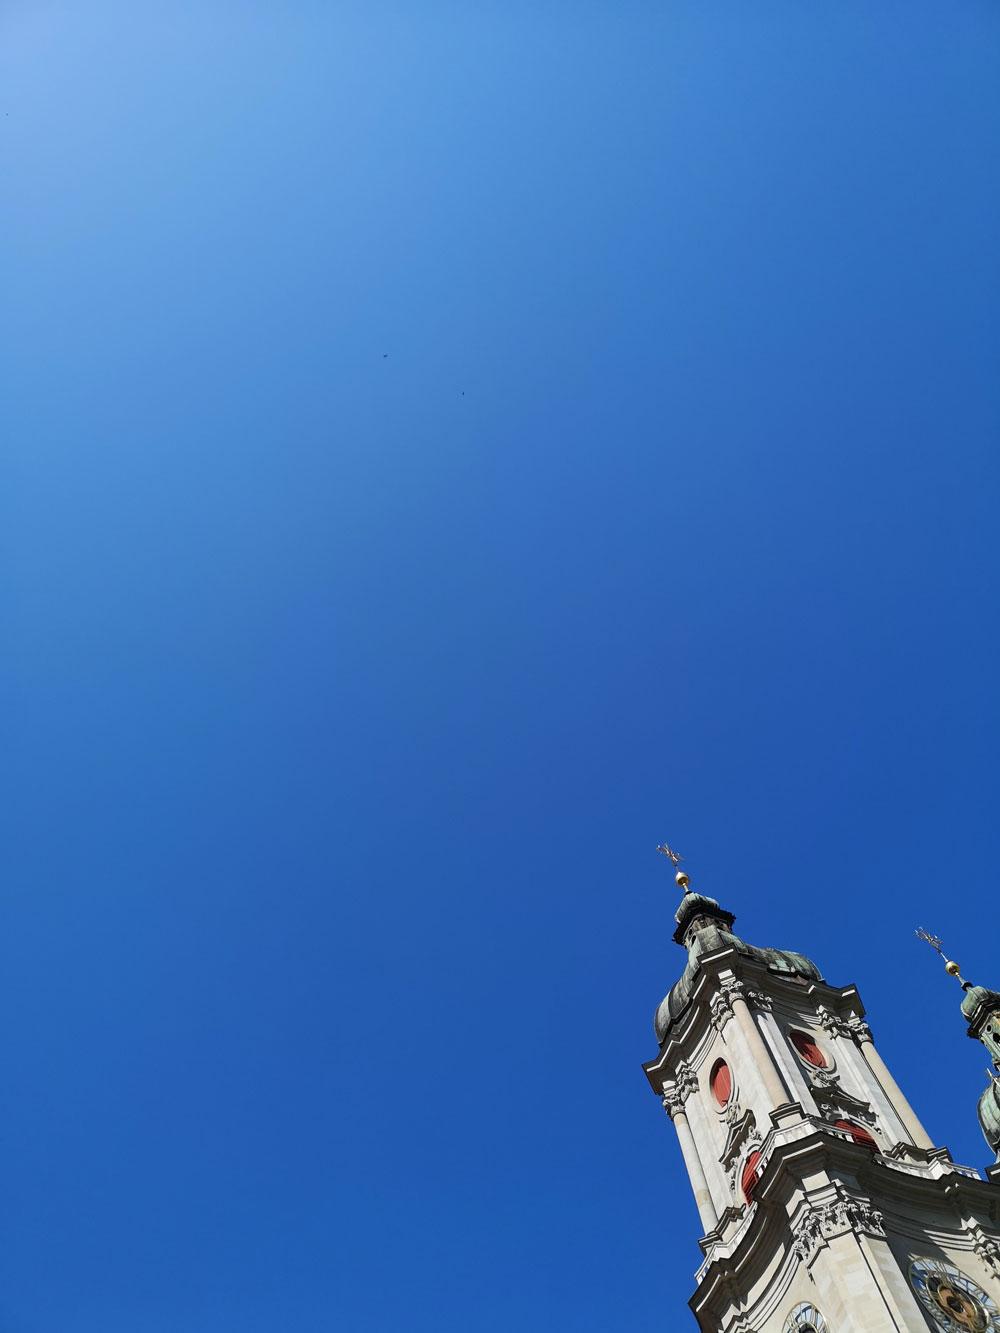 """Warum in die Ferne schweifen, wenn das Gute so nah liegt? In der sonrisa-Serie """"Tour de Suisse"""" verraten Dir Insider ihre Lieblingsorte in der Schweiz. Den Anfang macht Sandra Gimmel mit einem Rundgang durch St. Gallen."""